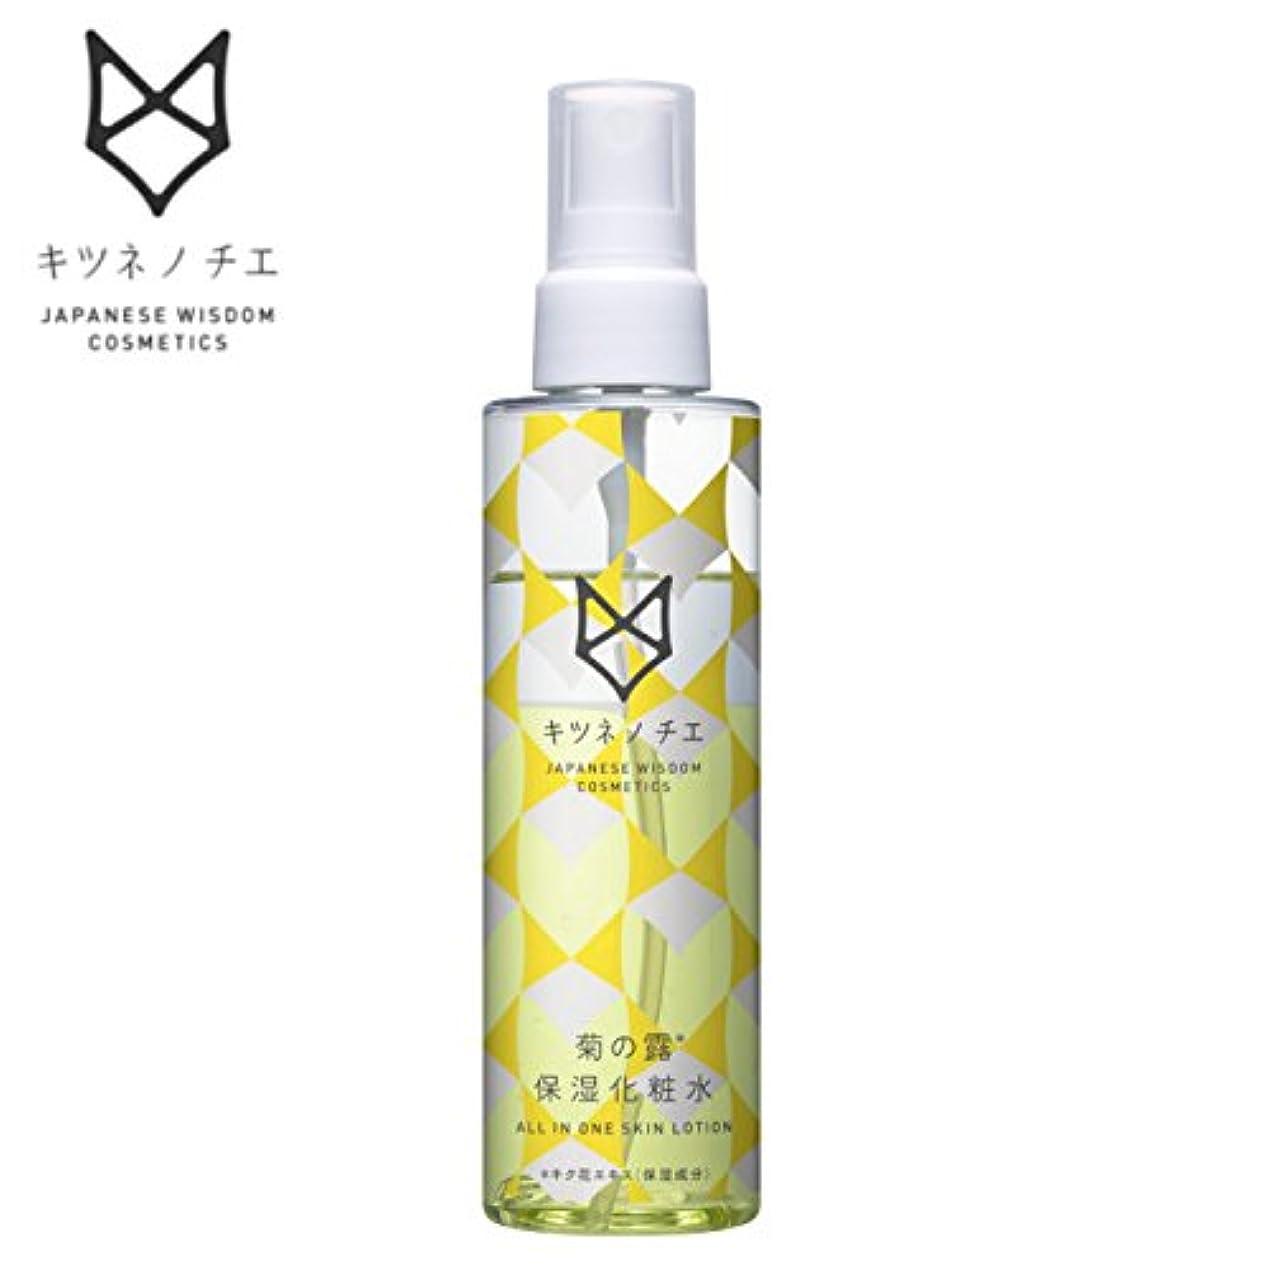 ニコチン平和なアルファベット順キツネノチエ 菊の露 保湿化粧水